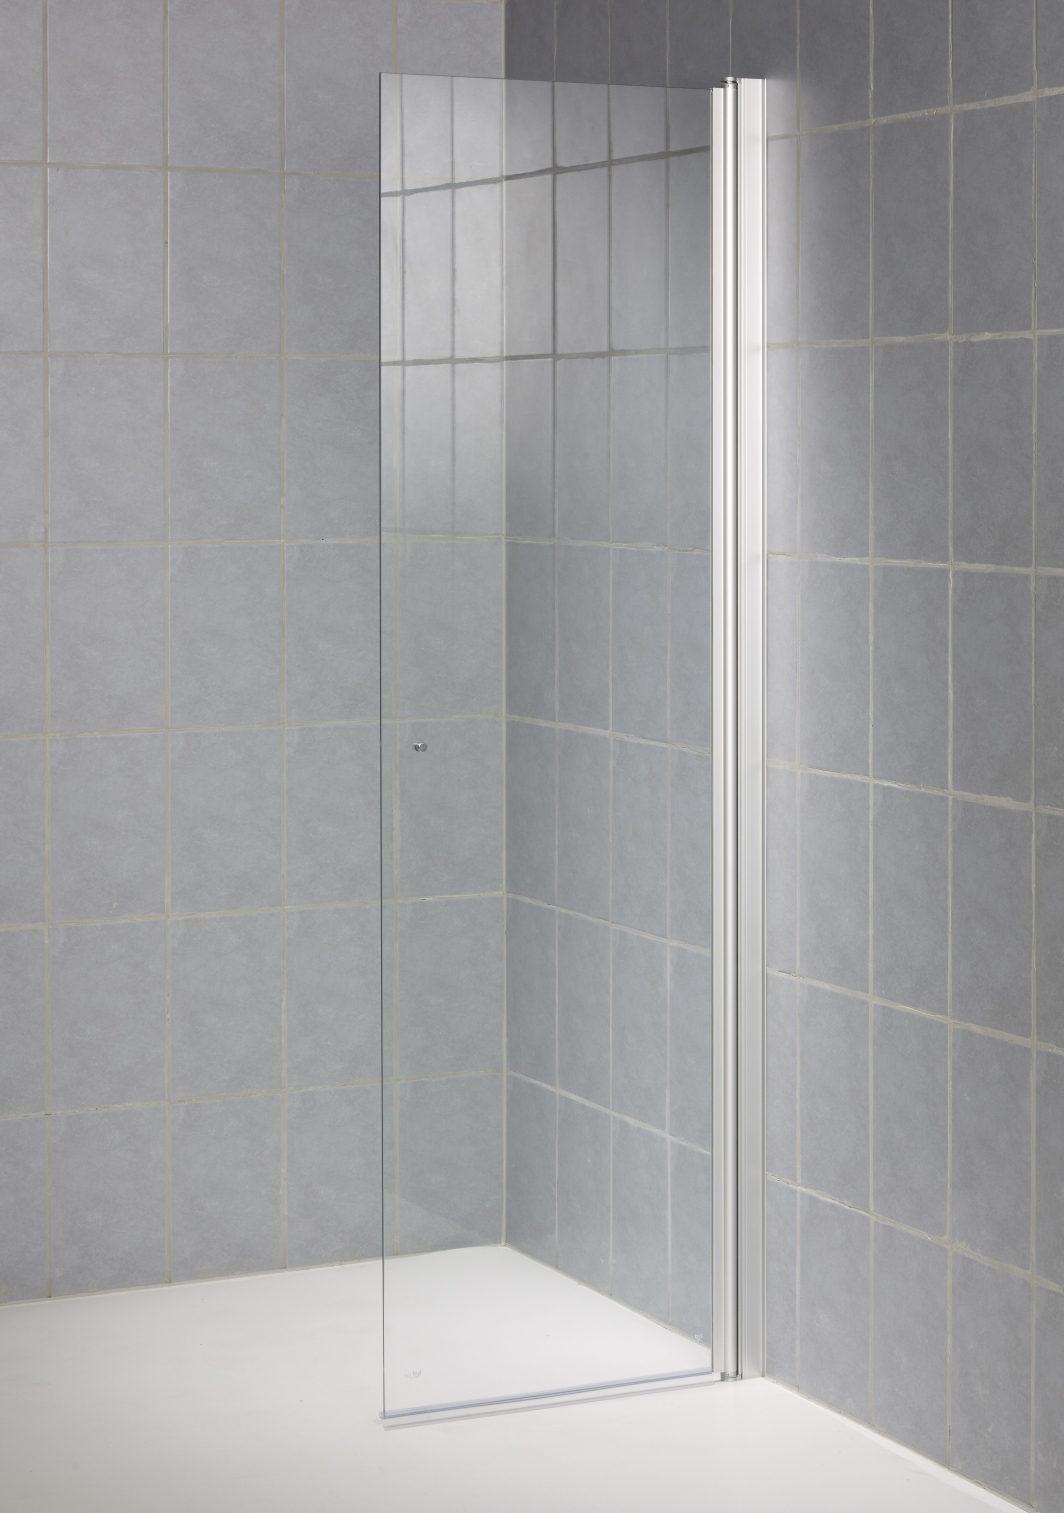 kääntyvä suihkuseinä 50 cm